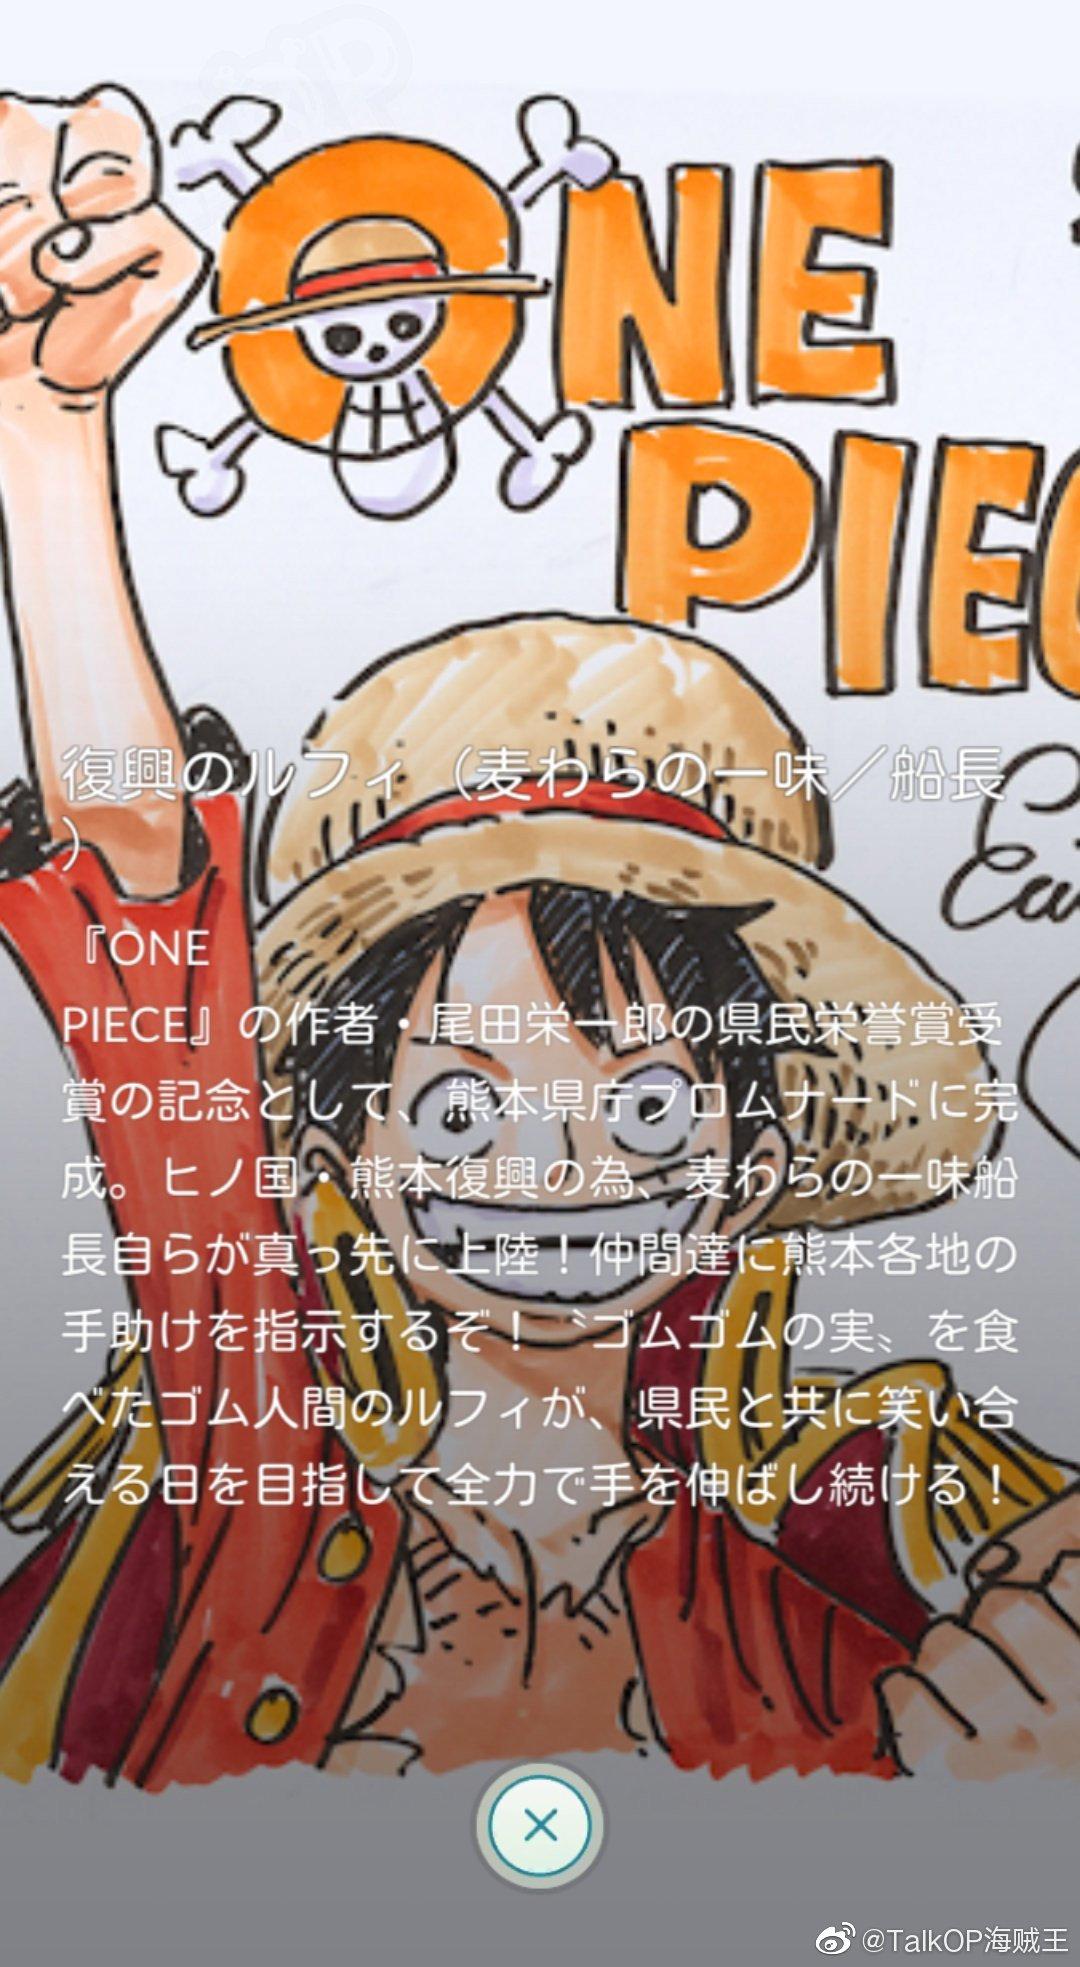 尾田荣一郎亲绘的路飞、乌索普、山治铜像的彩图公布